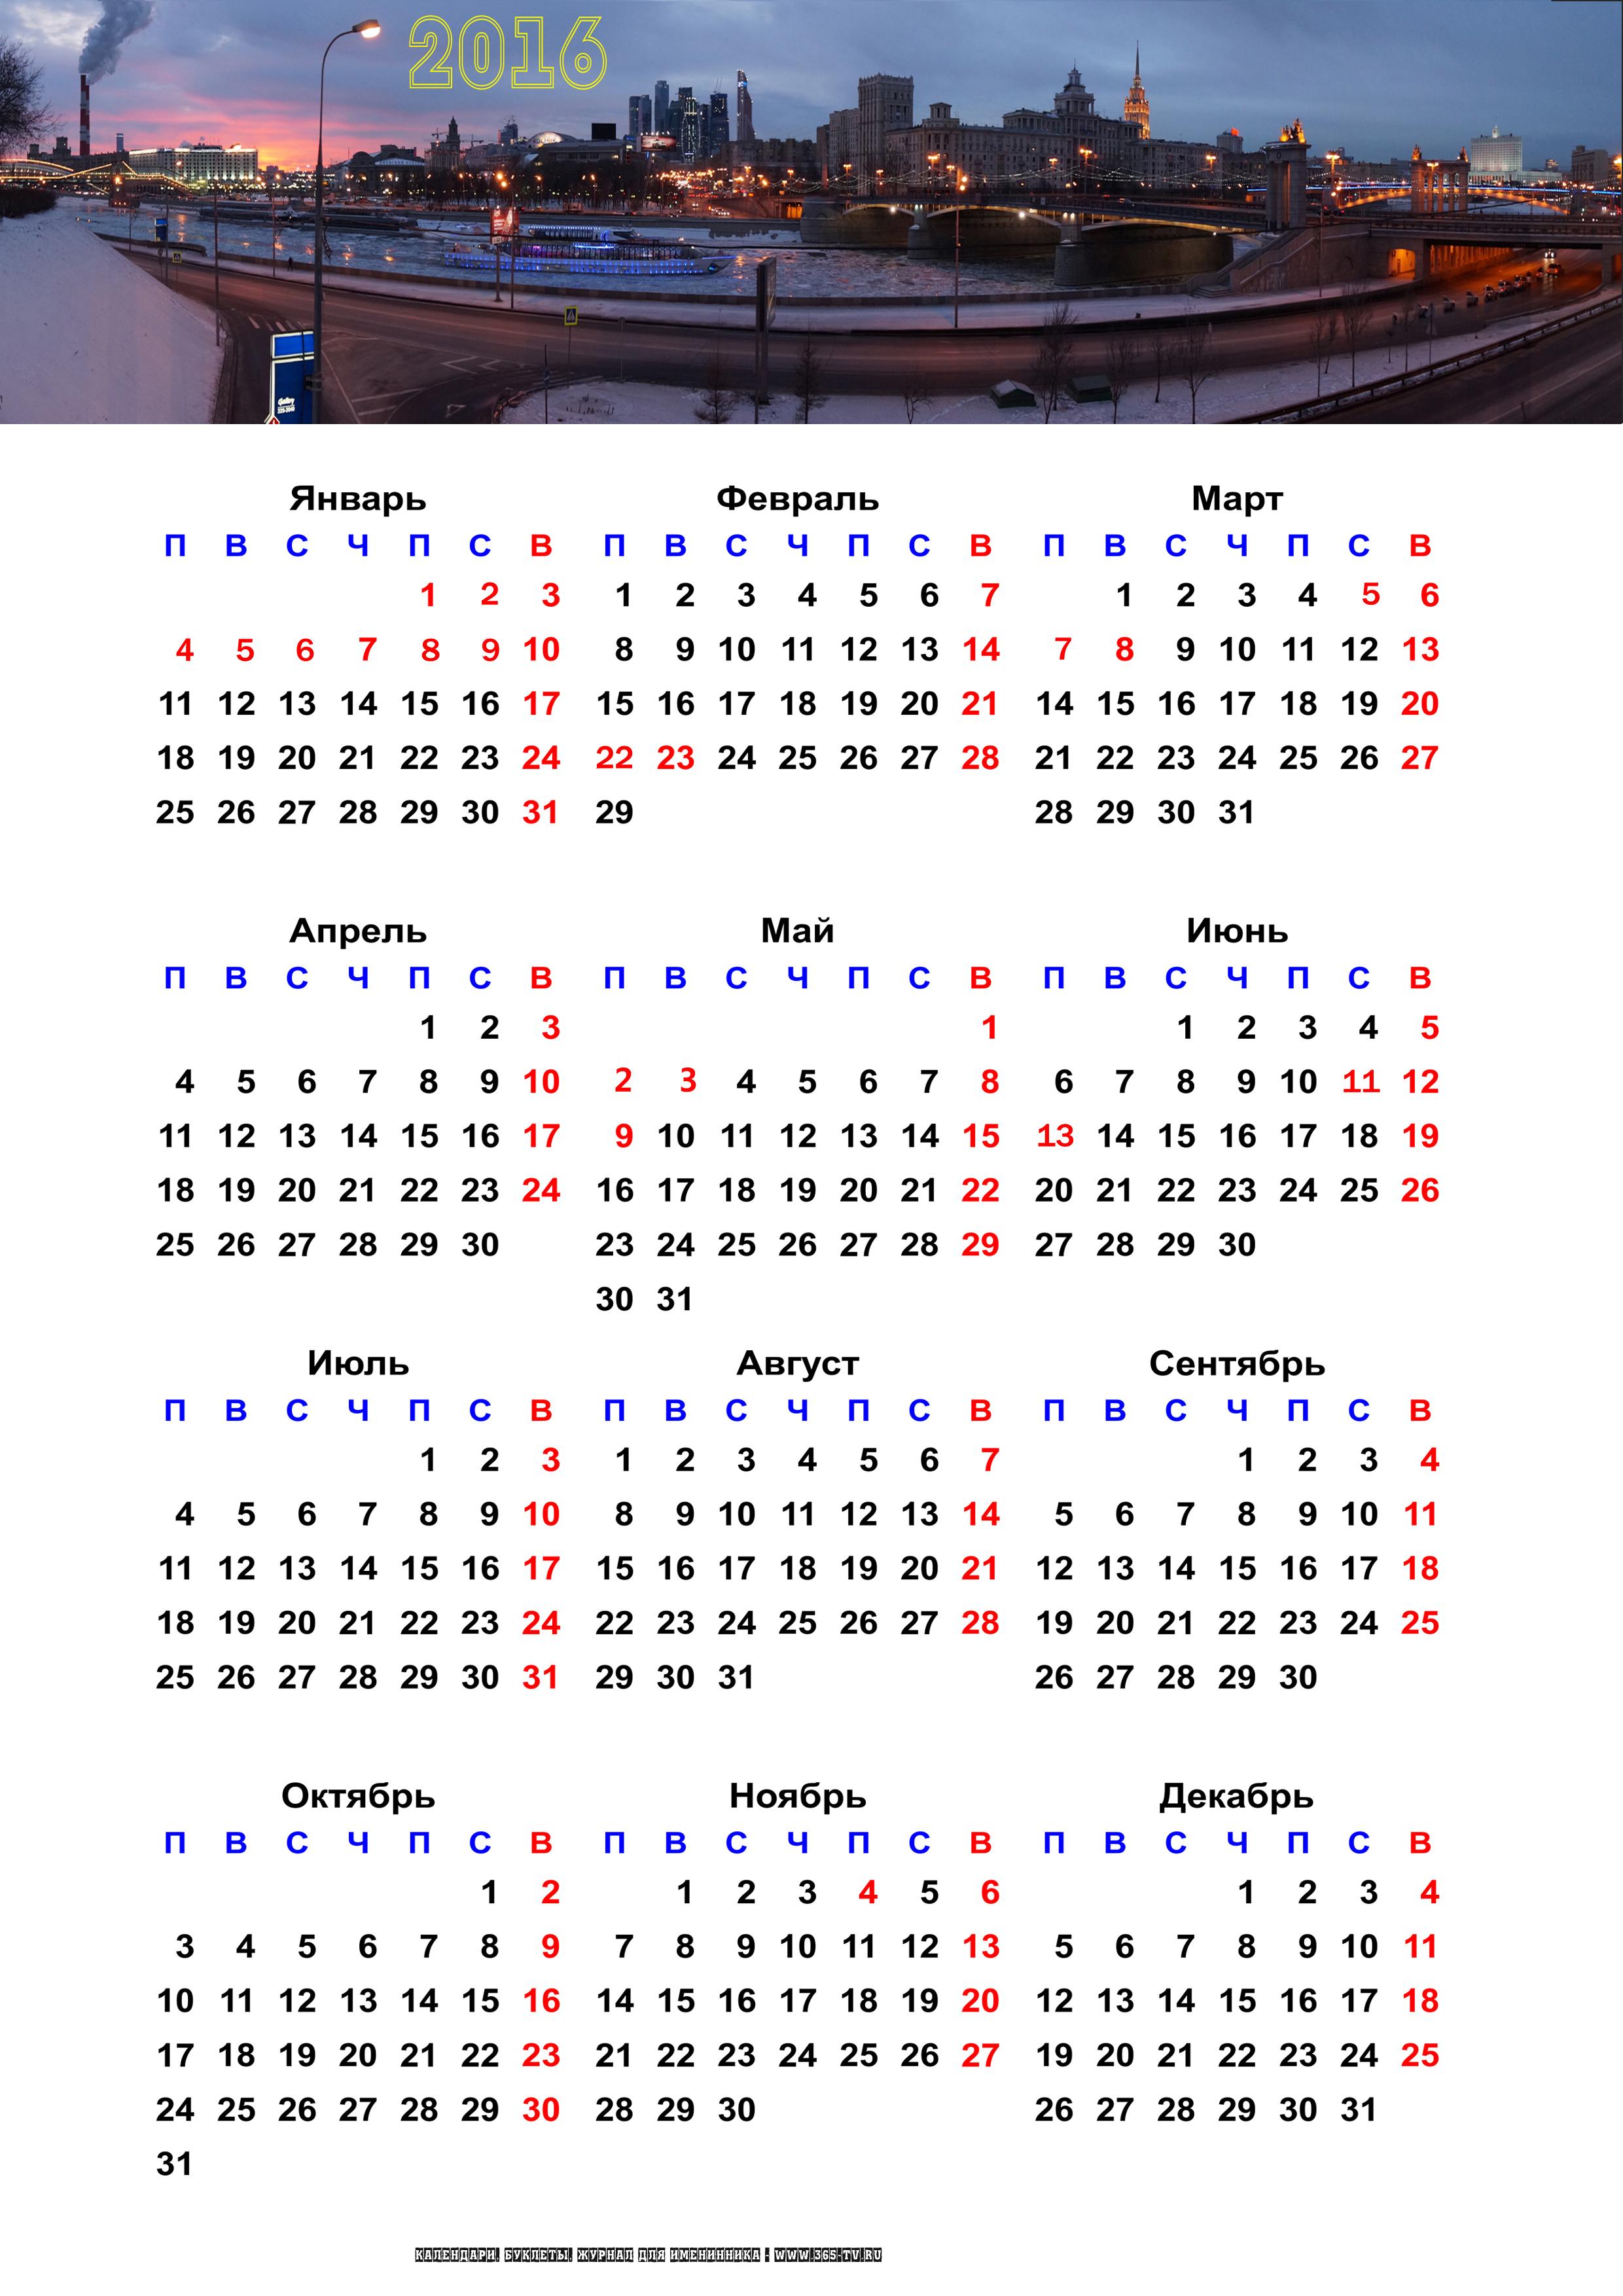 Когда делать операцию по лунному календарю 2014